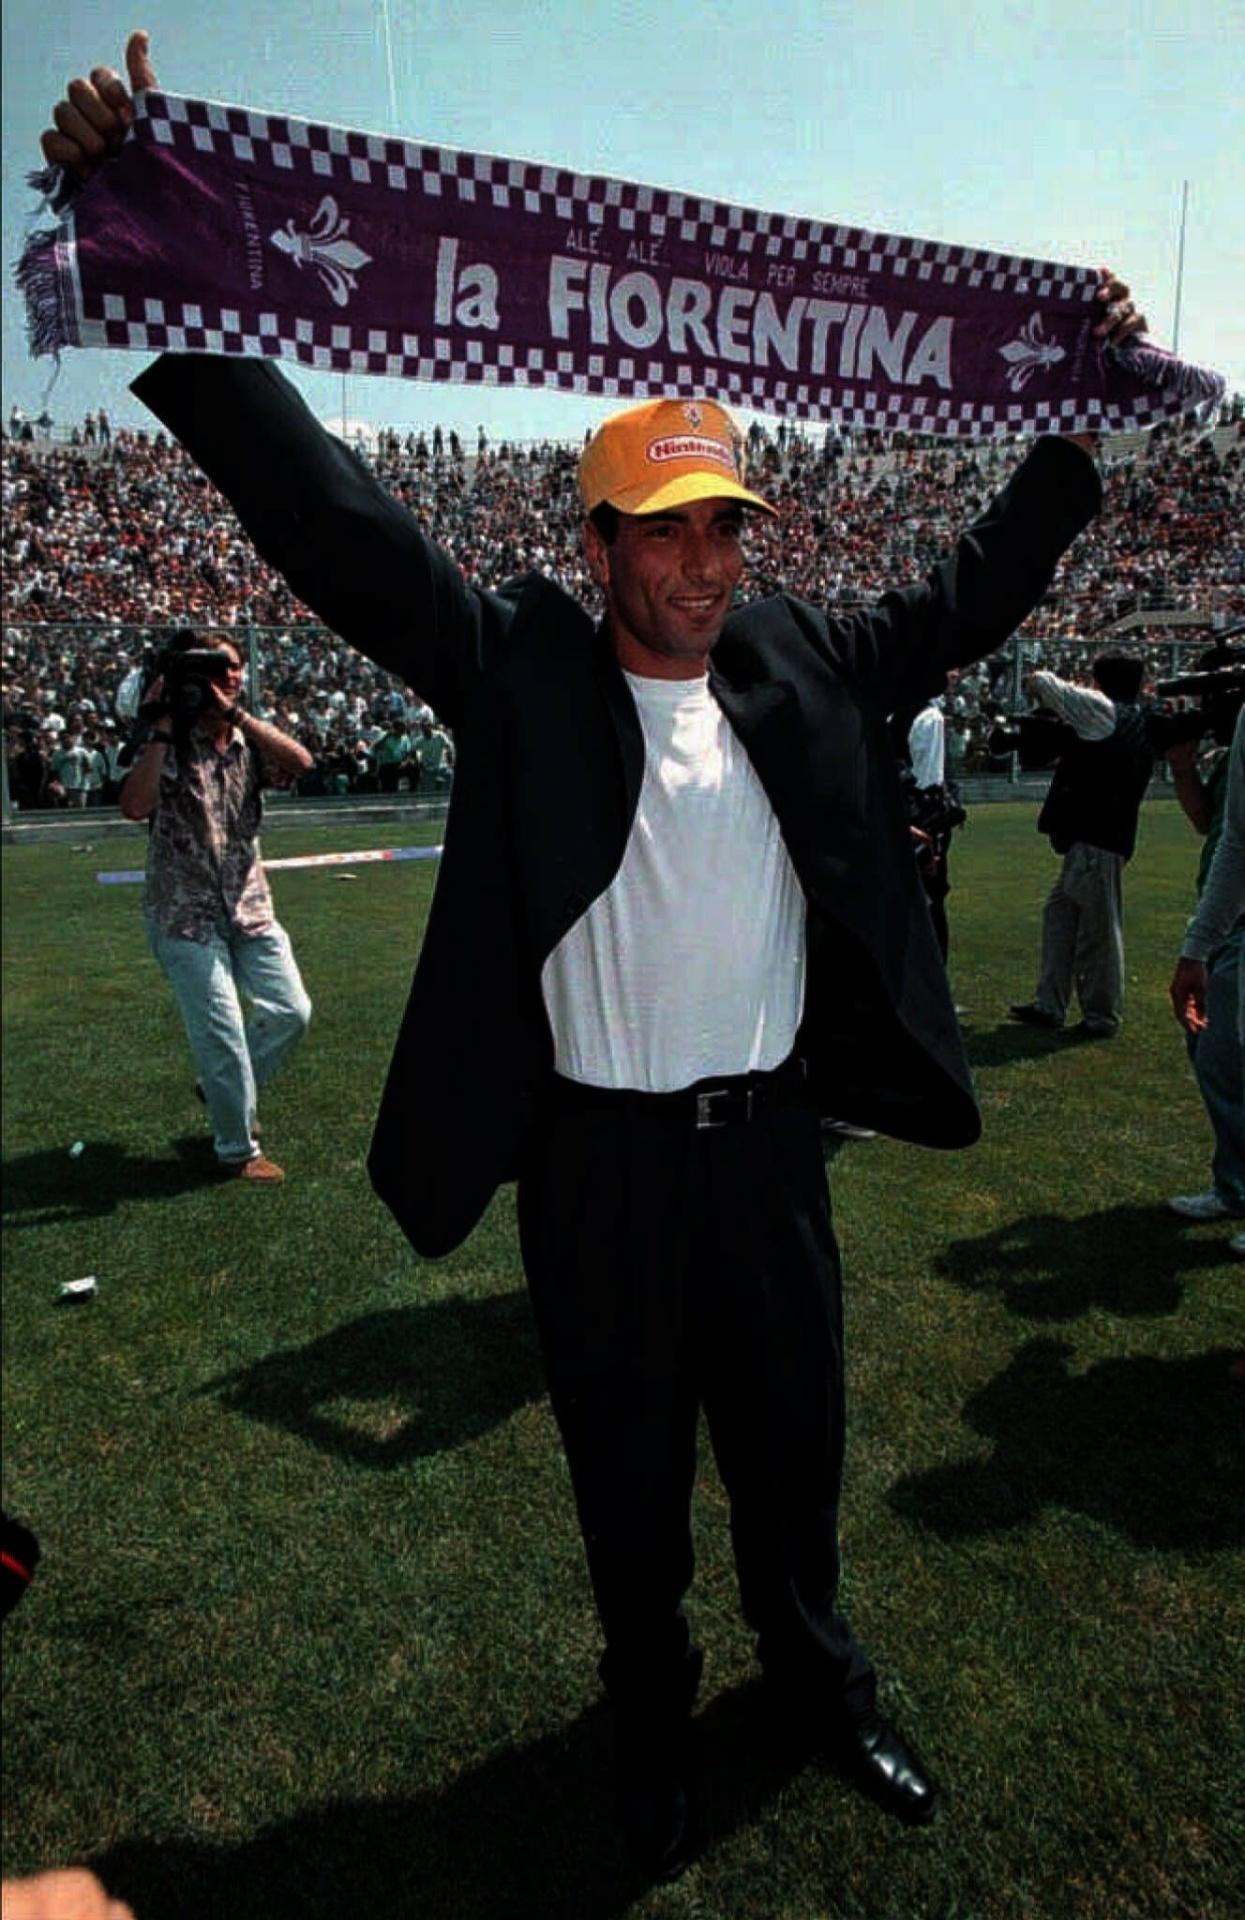 Edmundo ergue faixa da Fiorentina, da Itália